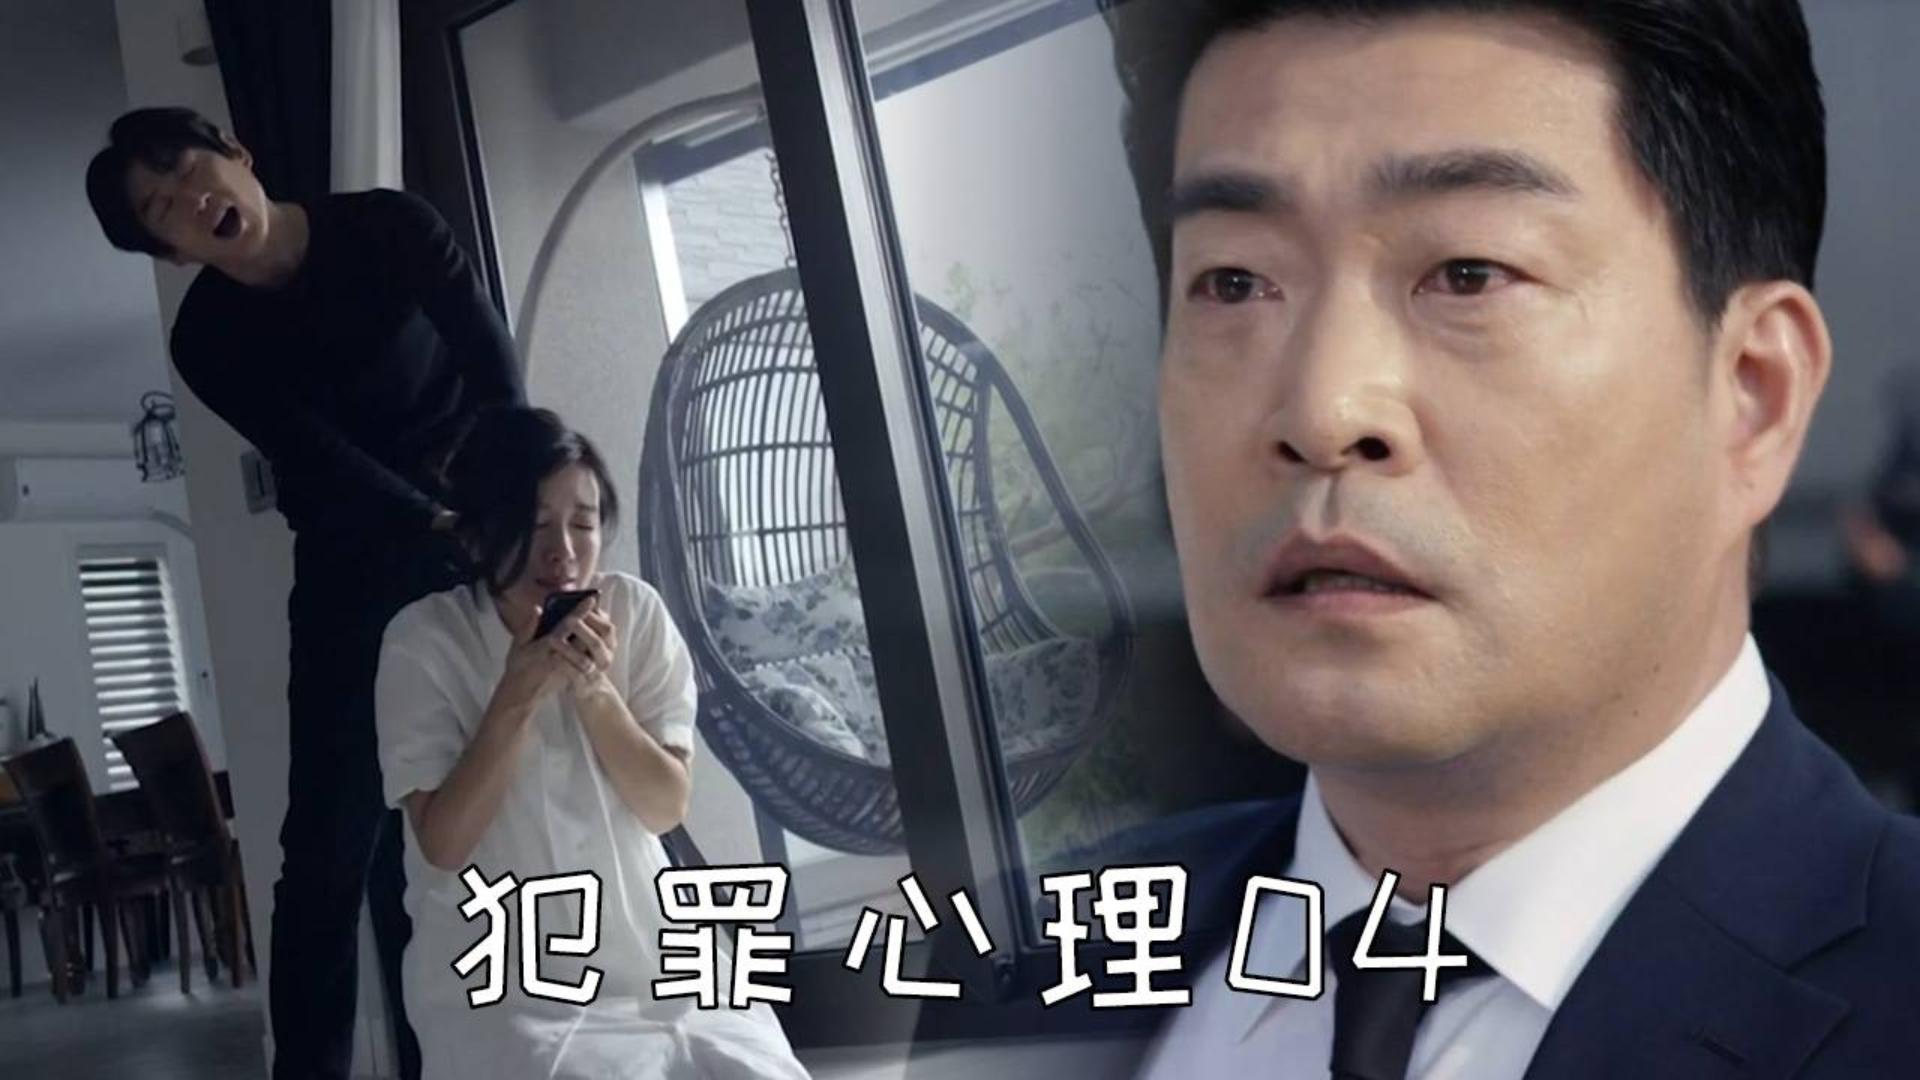 韩剧《犯罪心理》:连环杀人犯挟持人质,与警方斗智斗勇!